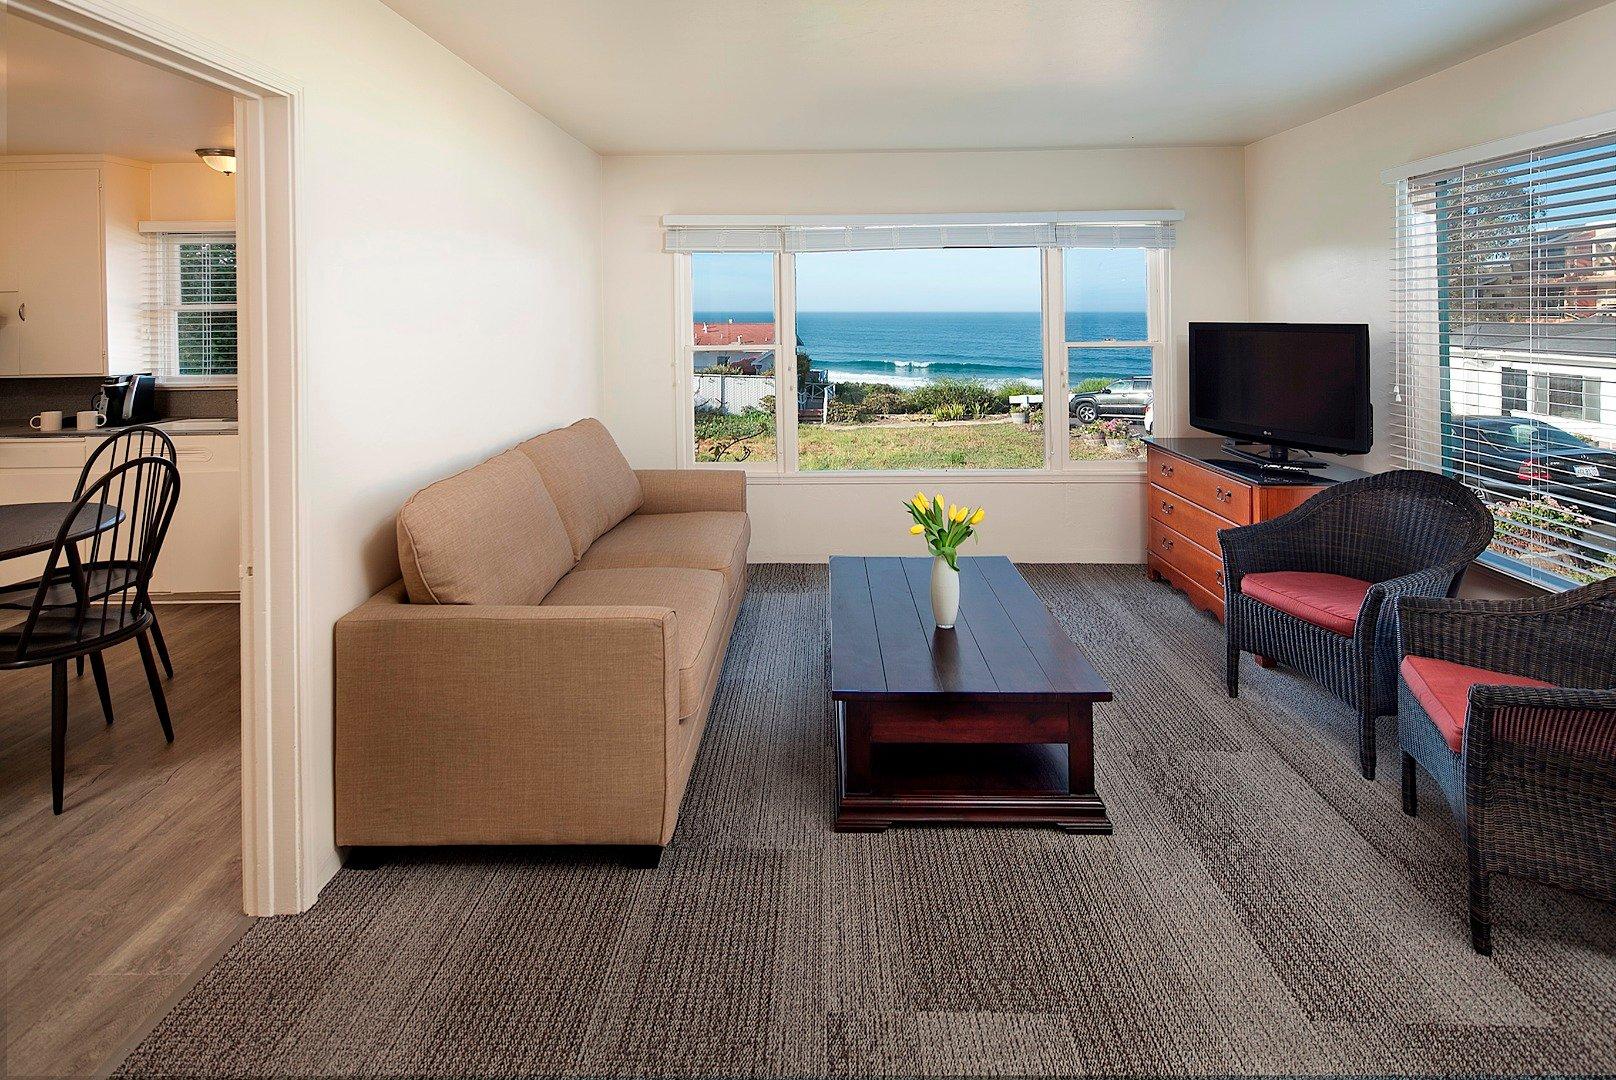 2 BEDROOM OCEAN VIEW COTTAGE W/KITCHEN